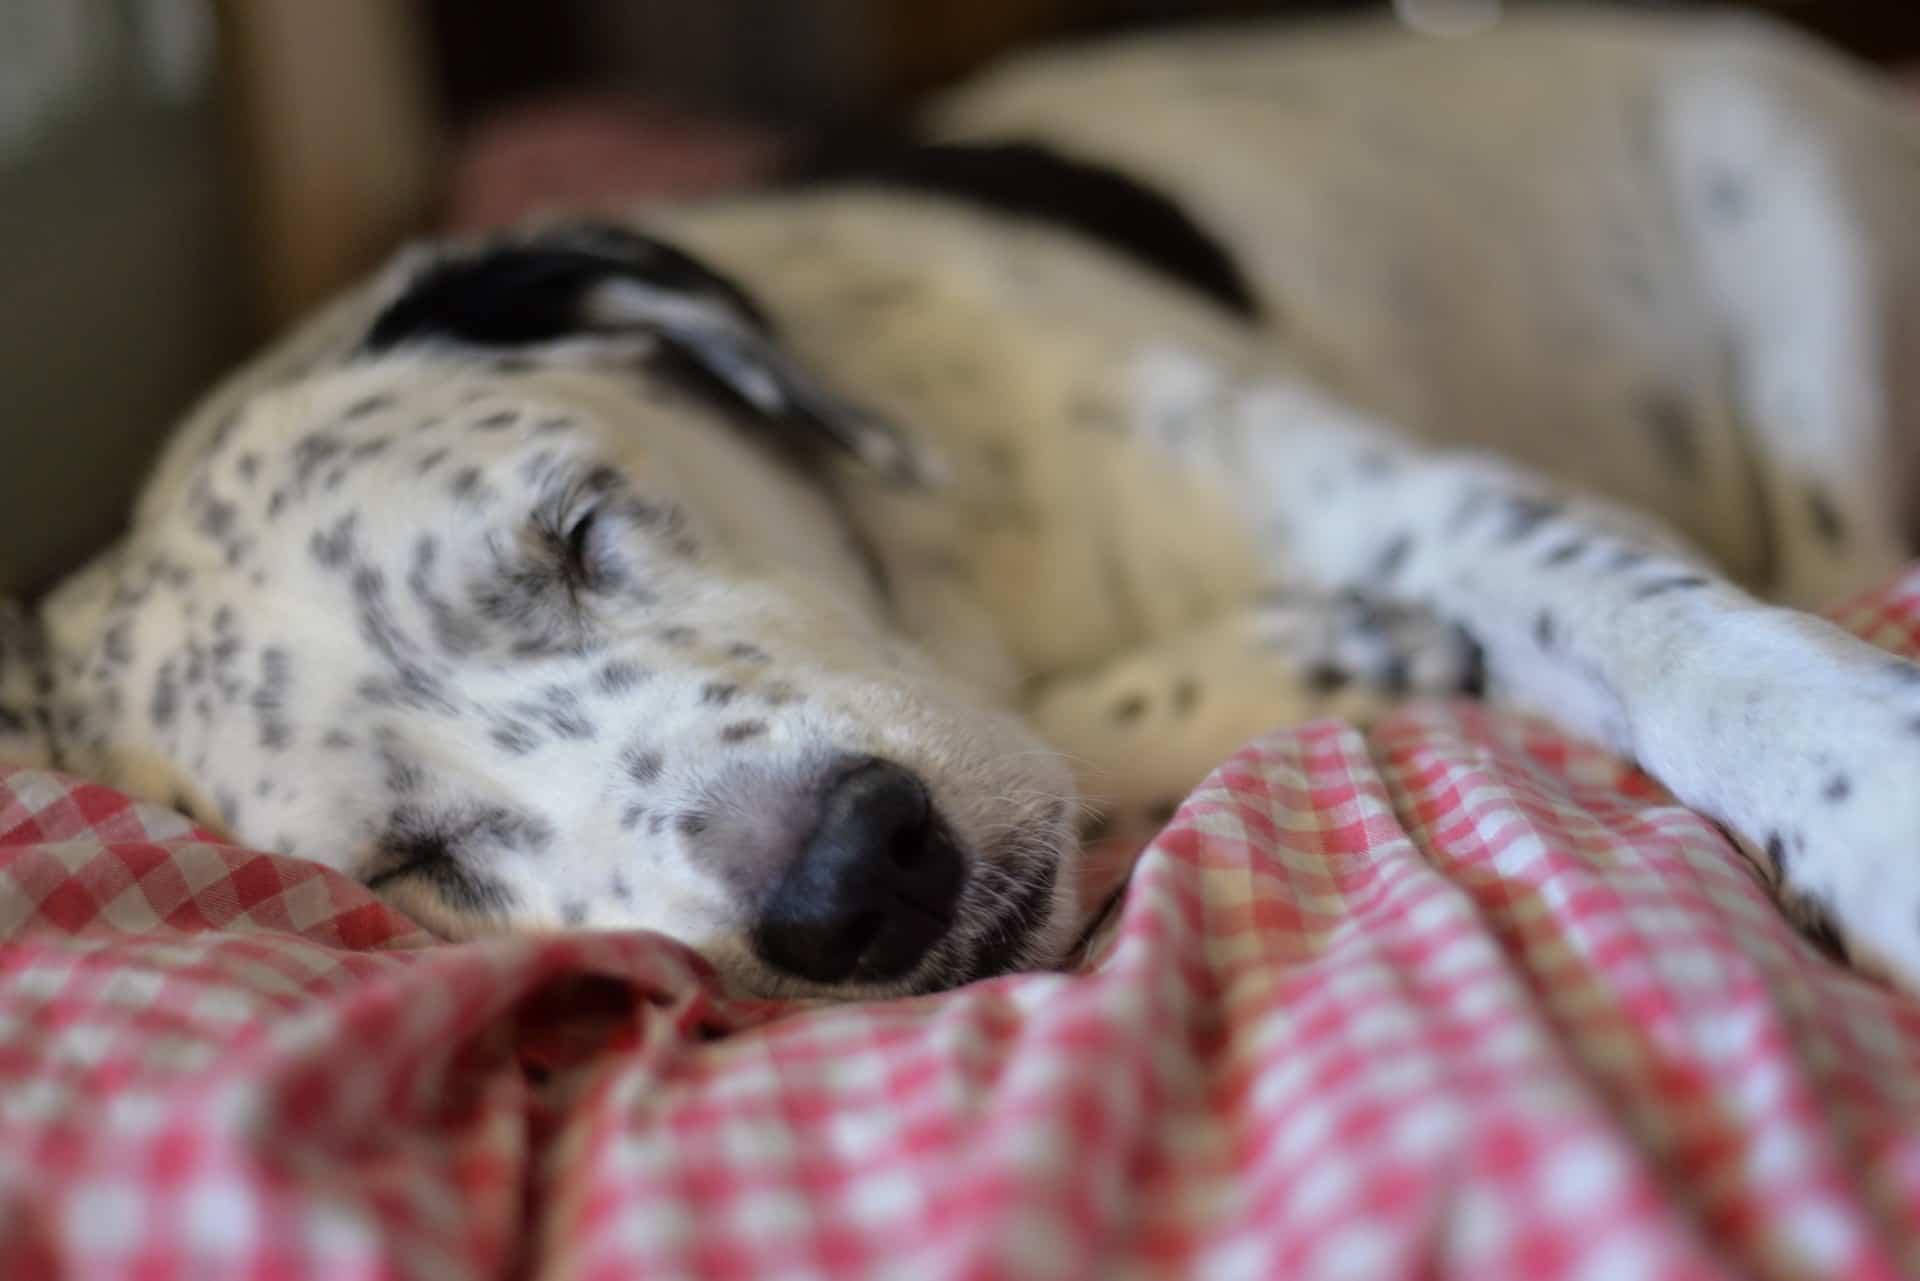 Perro durmiendo - Veterinaria Ciudad de los Ángeles